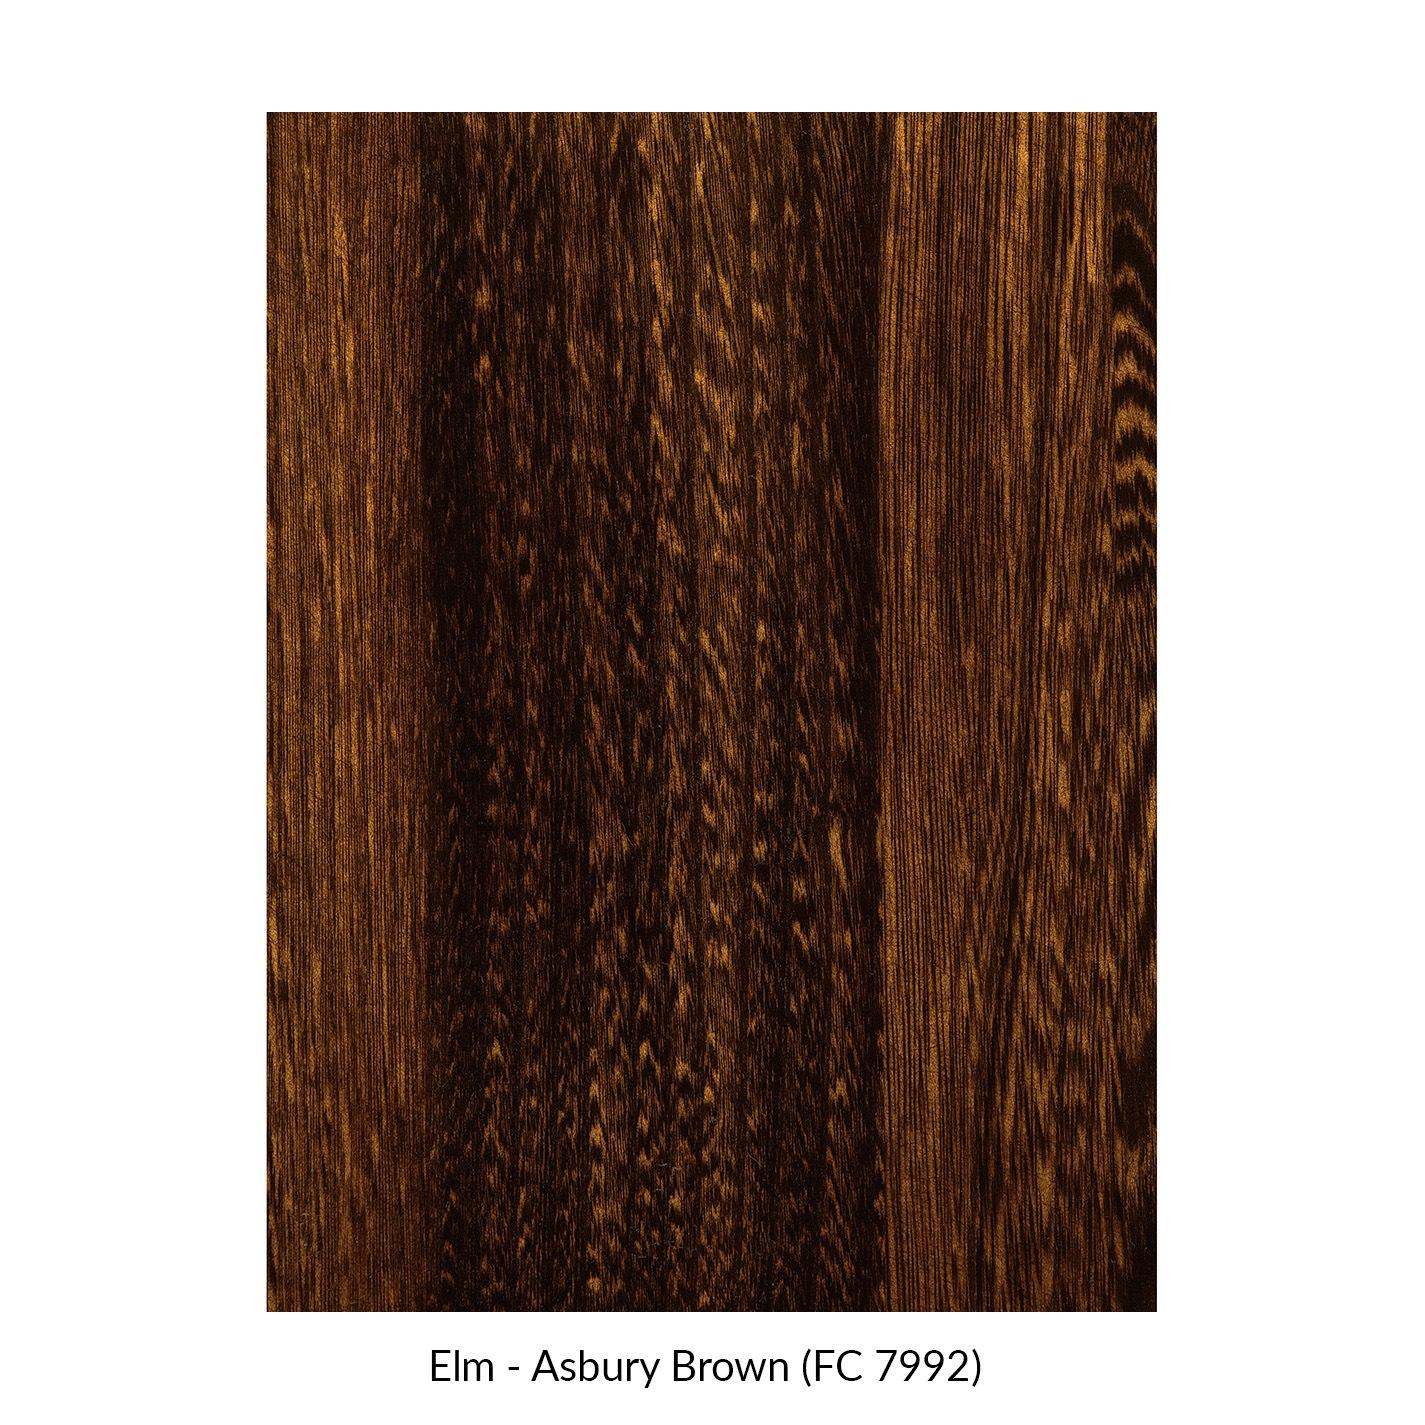 spectrum-elm-asbury-brown-fc-7992.jpg